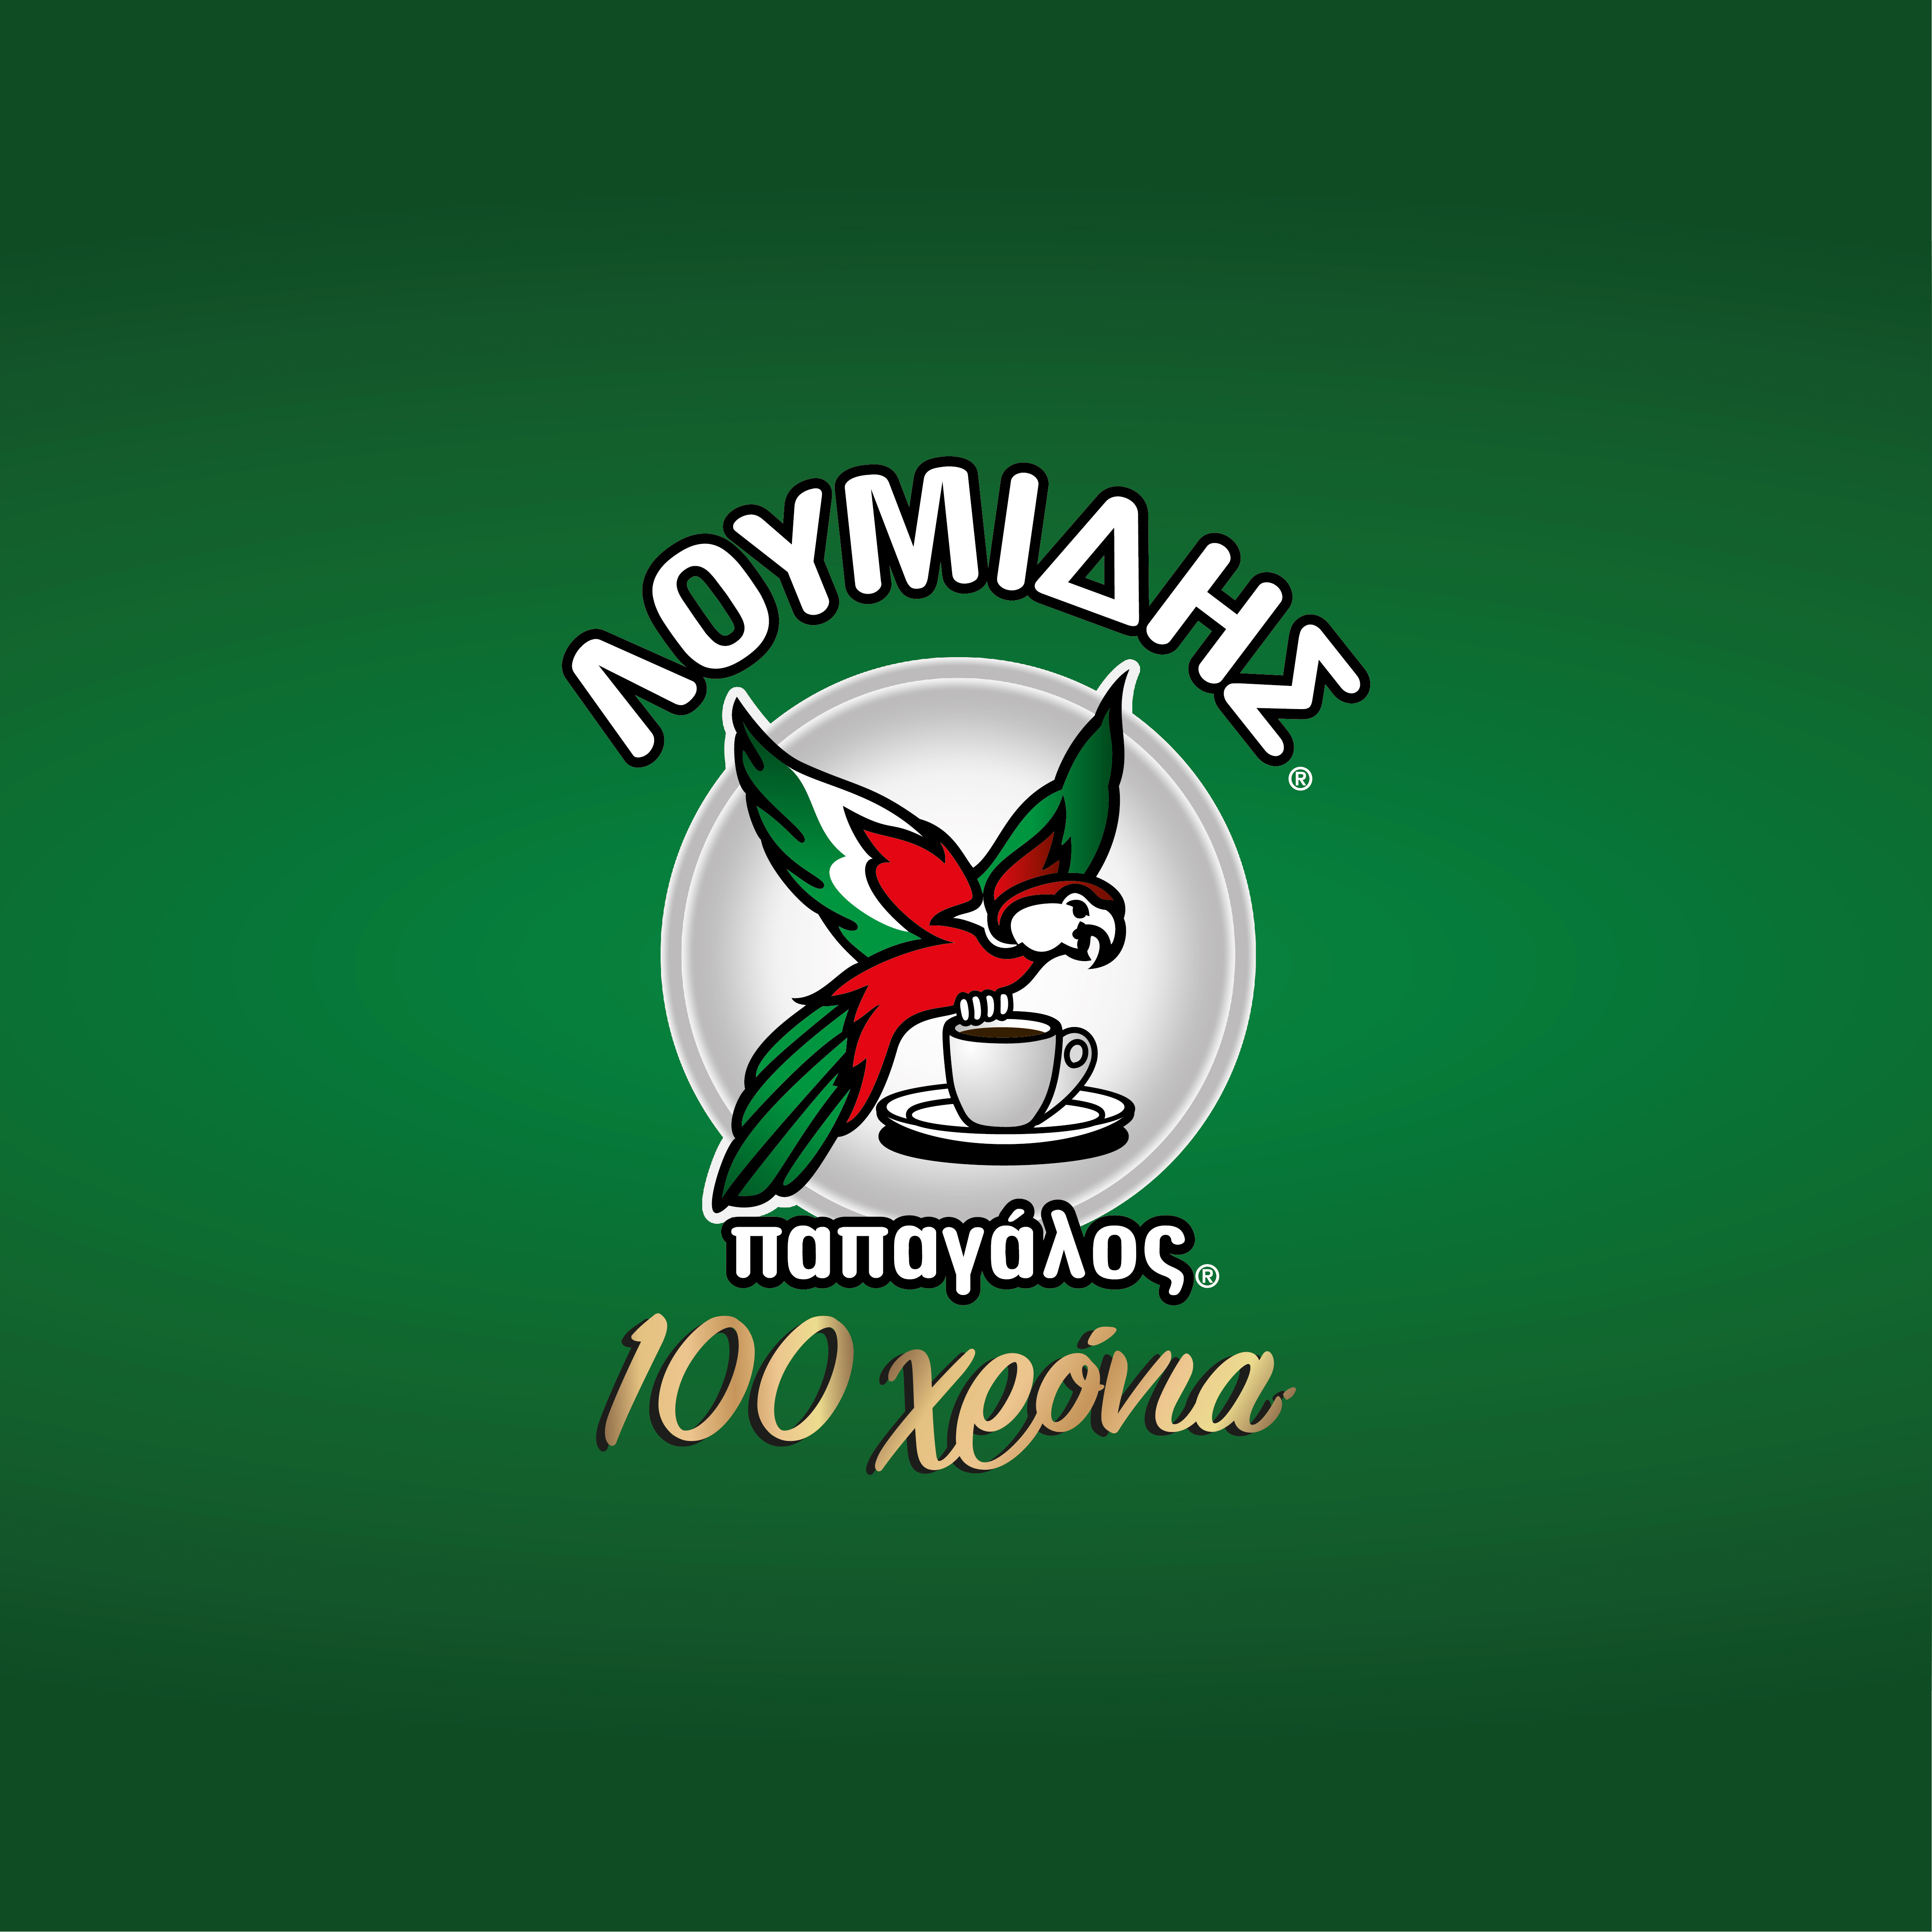 logo loumidis papagalos 100 years 0 8 copy